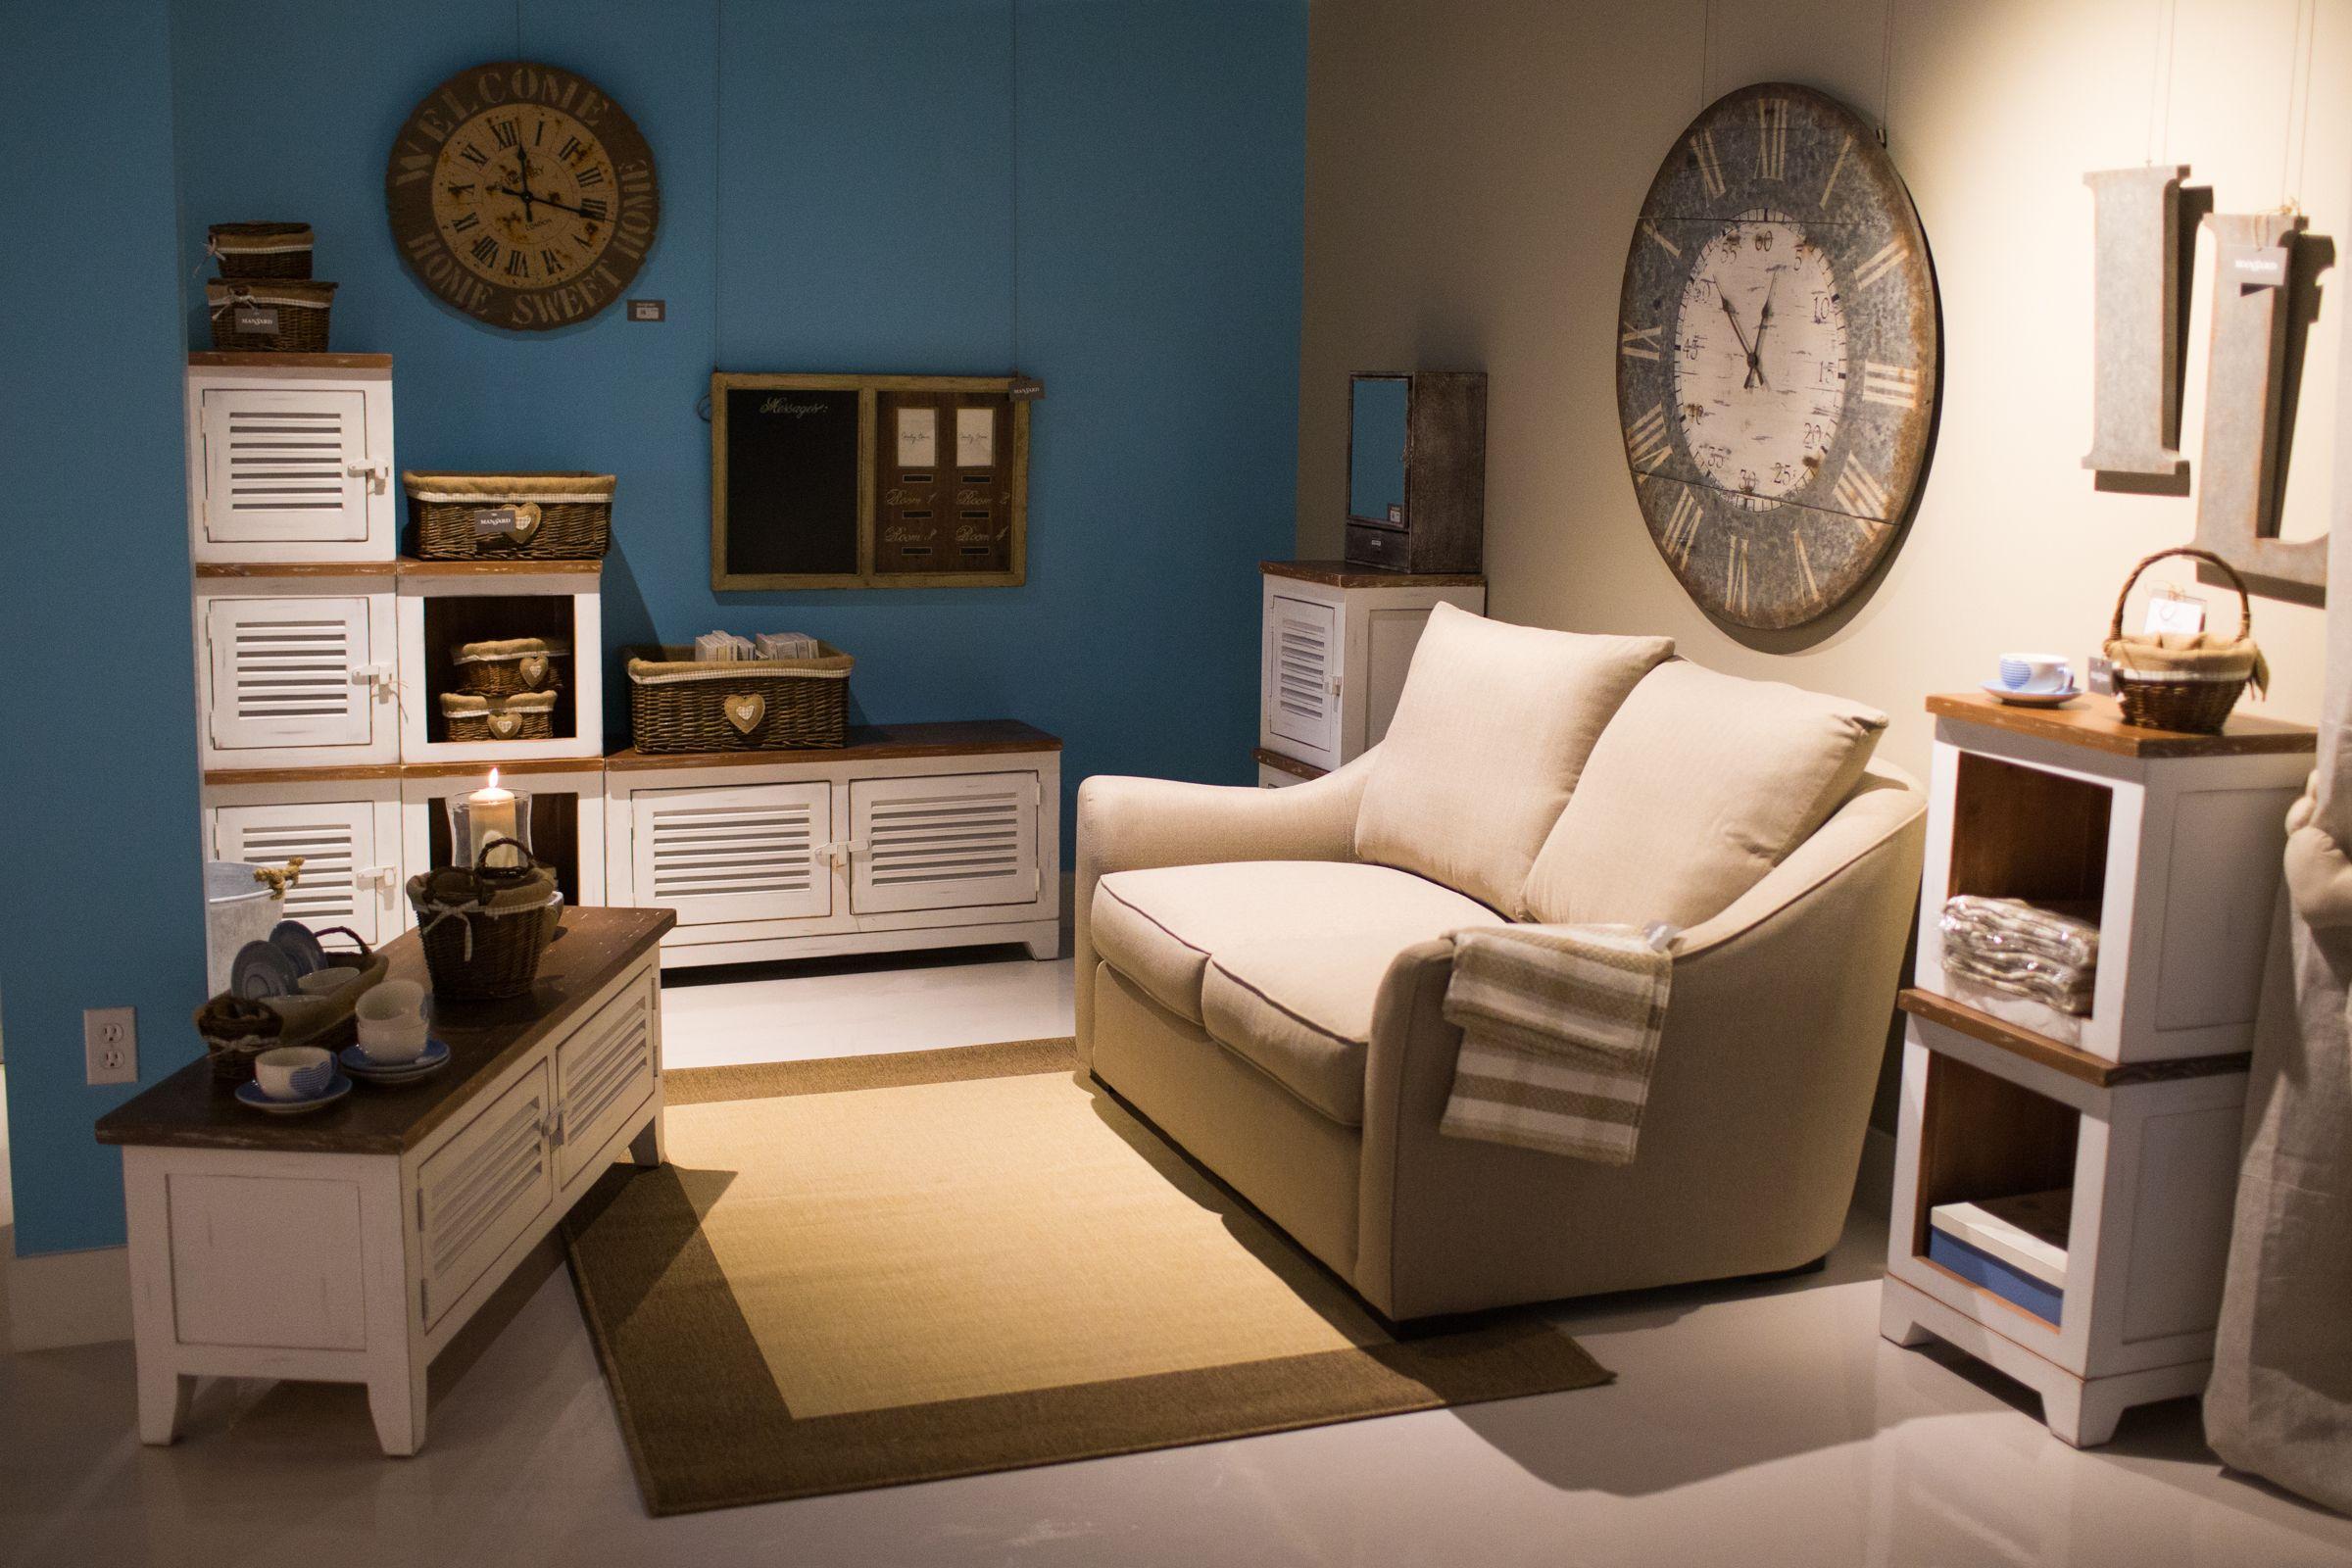 Salon Decore Par Mansard Boutique A Laval C Jimmy Hamelin Mobilier De Salon Mansarde Salon